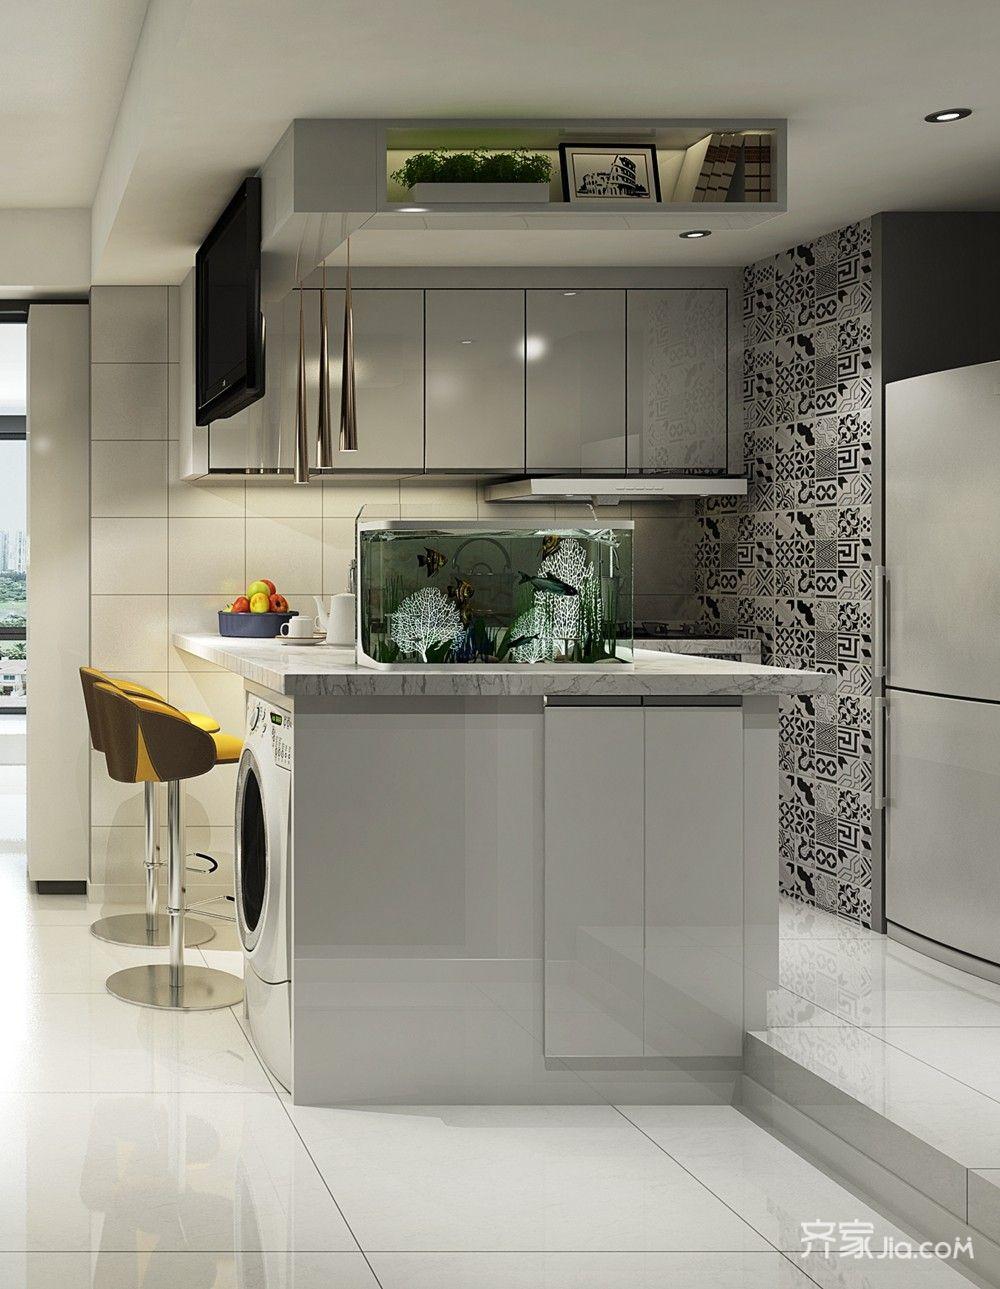 现代简约风两居厨房装修效果图